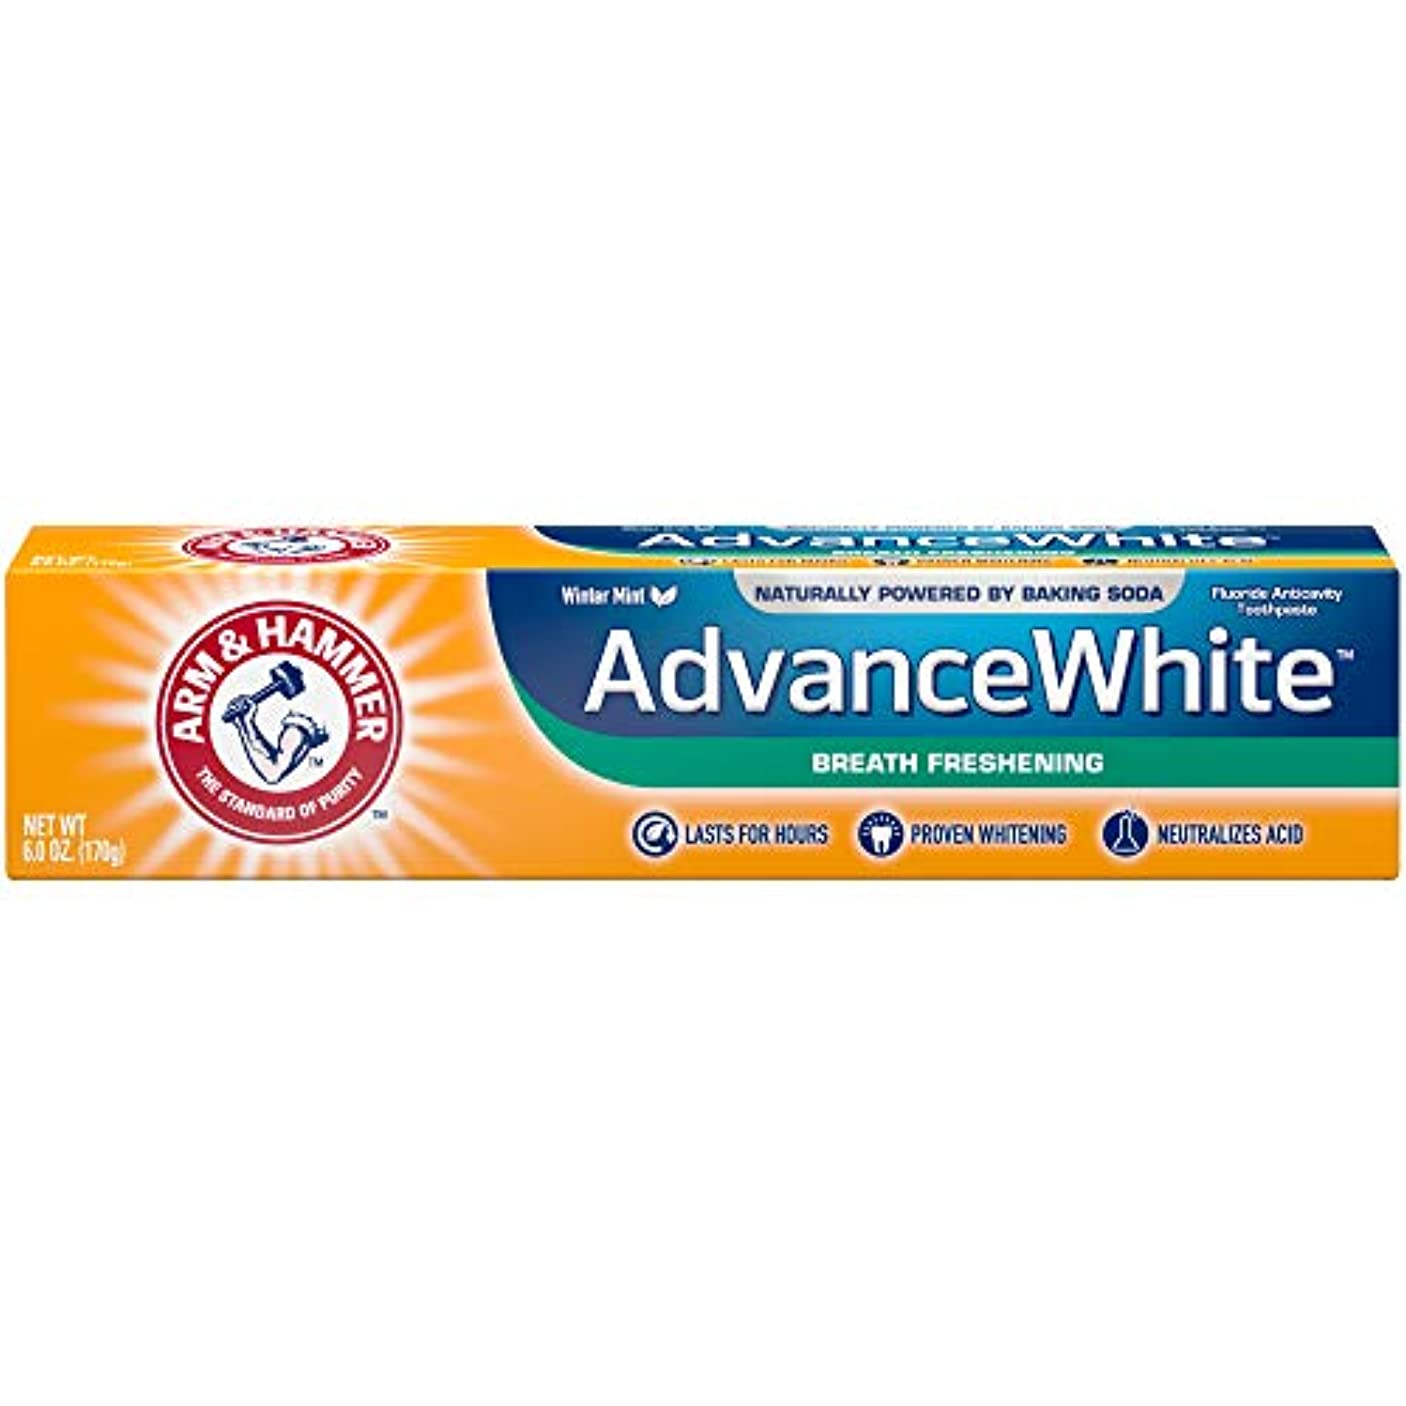 拒絶するセレナ逆アーム&ハマー アドバンス ホワイト 歯磨き粉 ブレス フレッシュニング 170g Advance White Breath Freshing Baking Soda & Frosted Mint